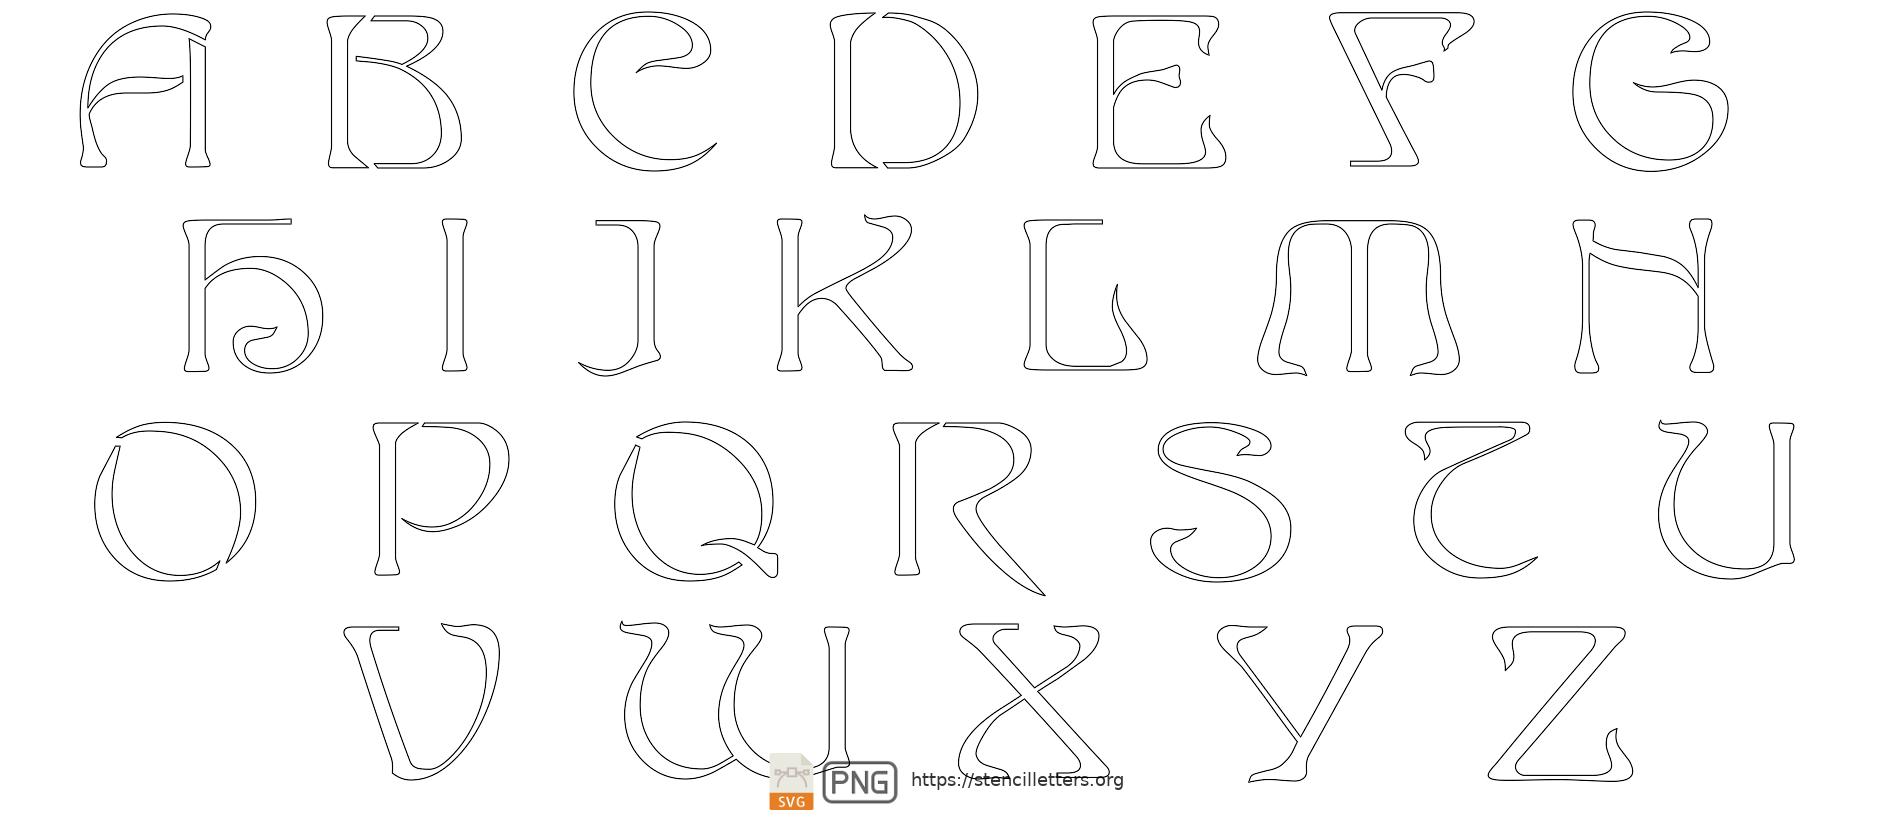 French Art Nouveau uppercase letter stencils